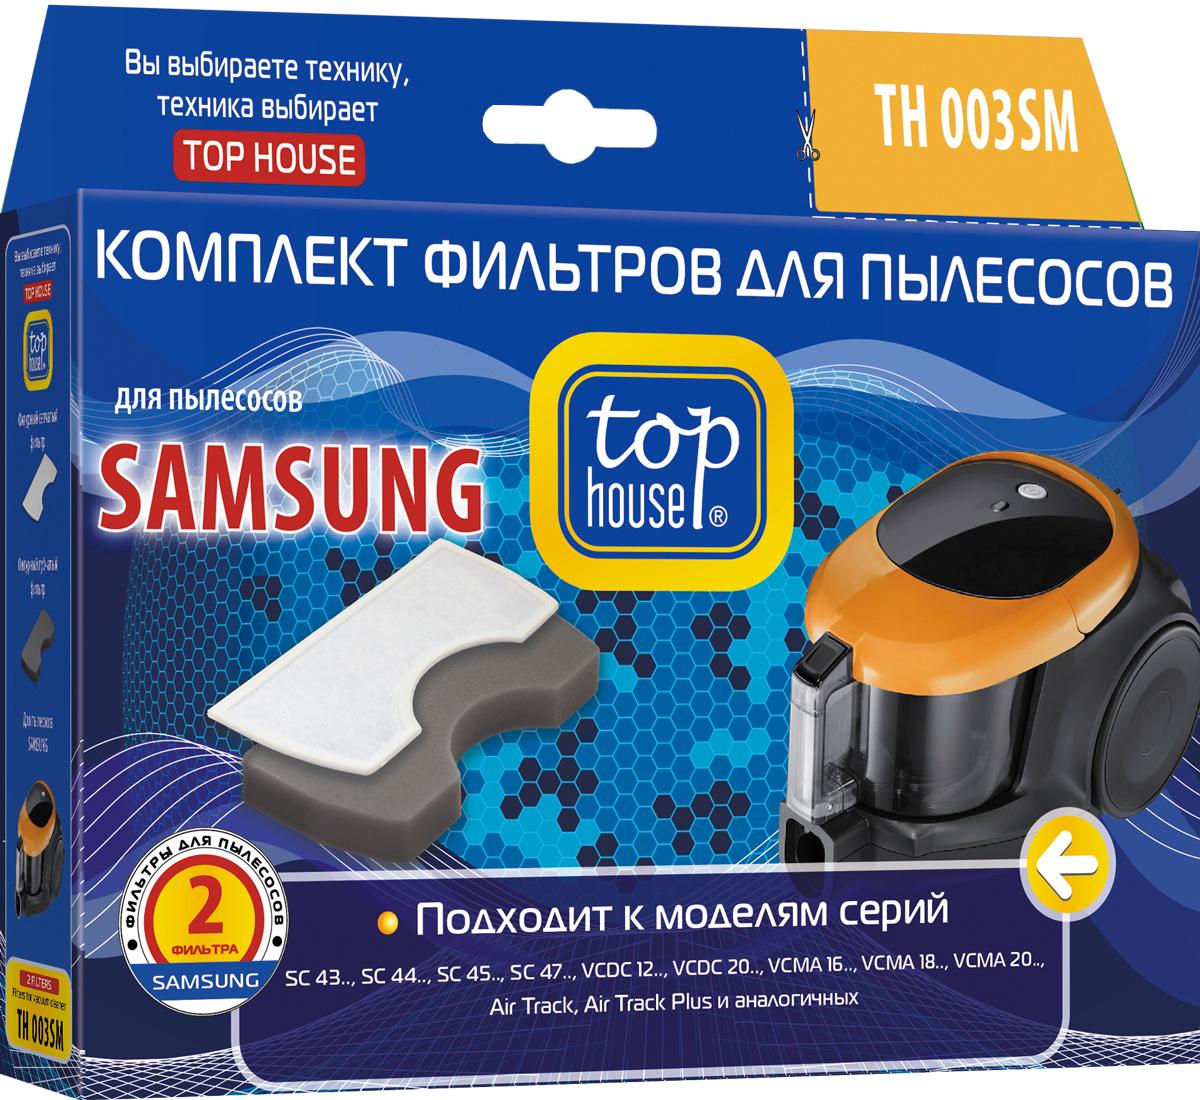 Top House TH 003SM комплект фильтров для пылесосов Samsung, 2 шт